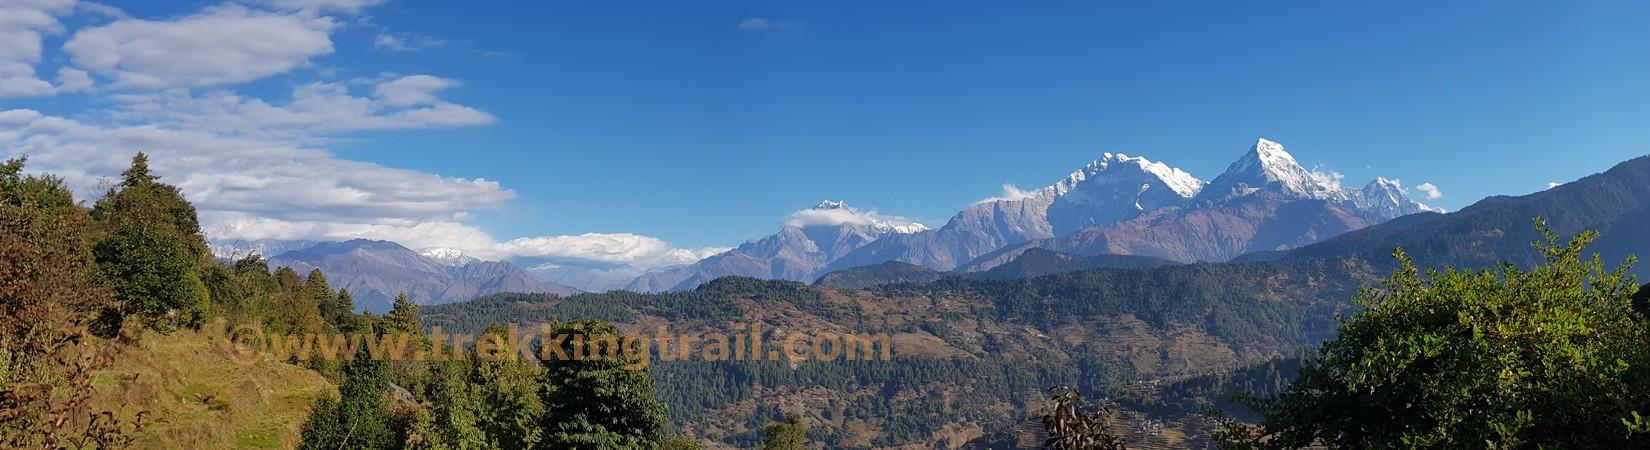 dhaulagiri sanctuary trekking